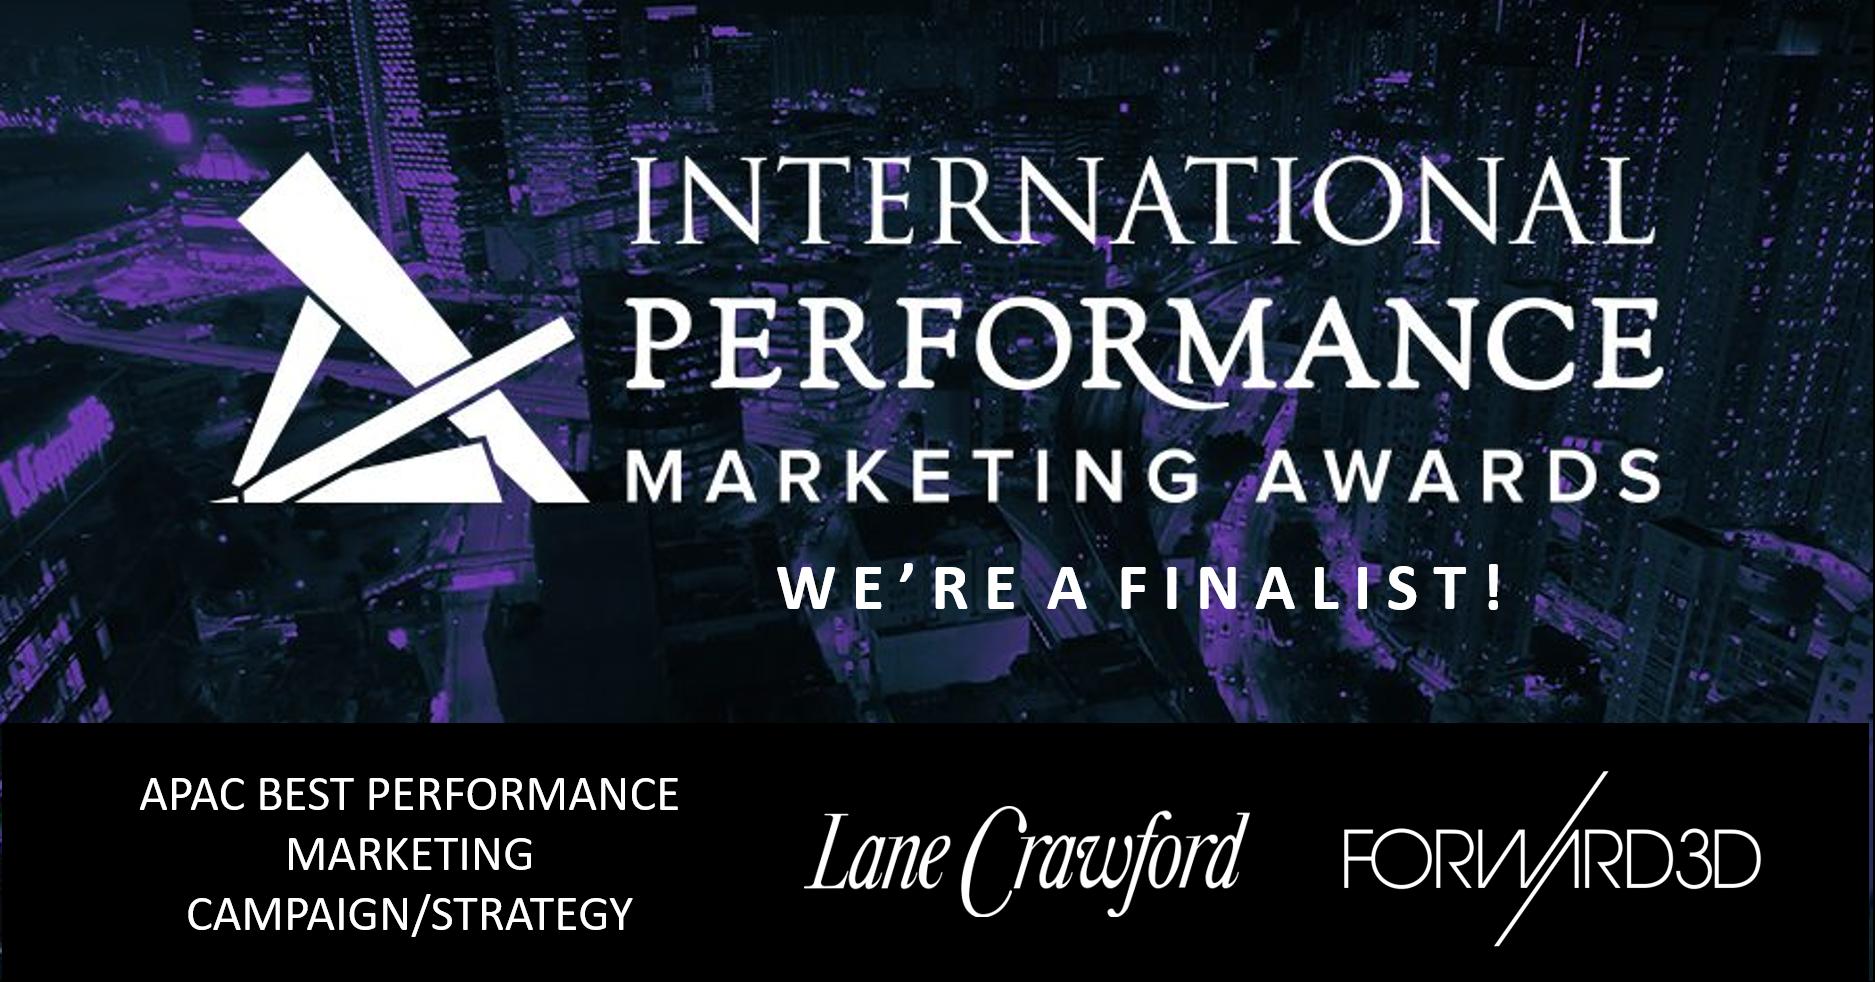 IPMA award shoutout - Lane Crawford.png